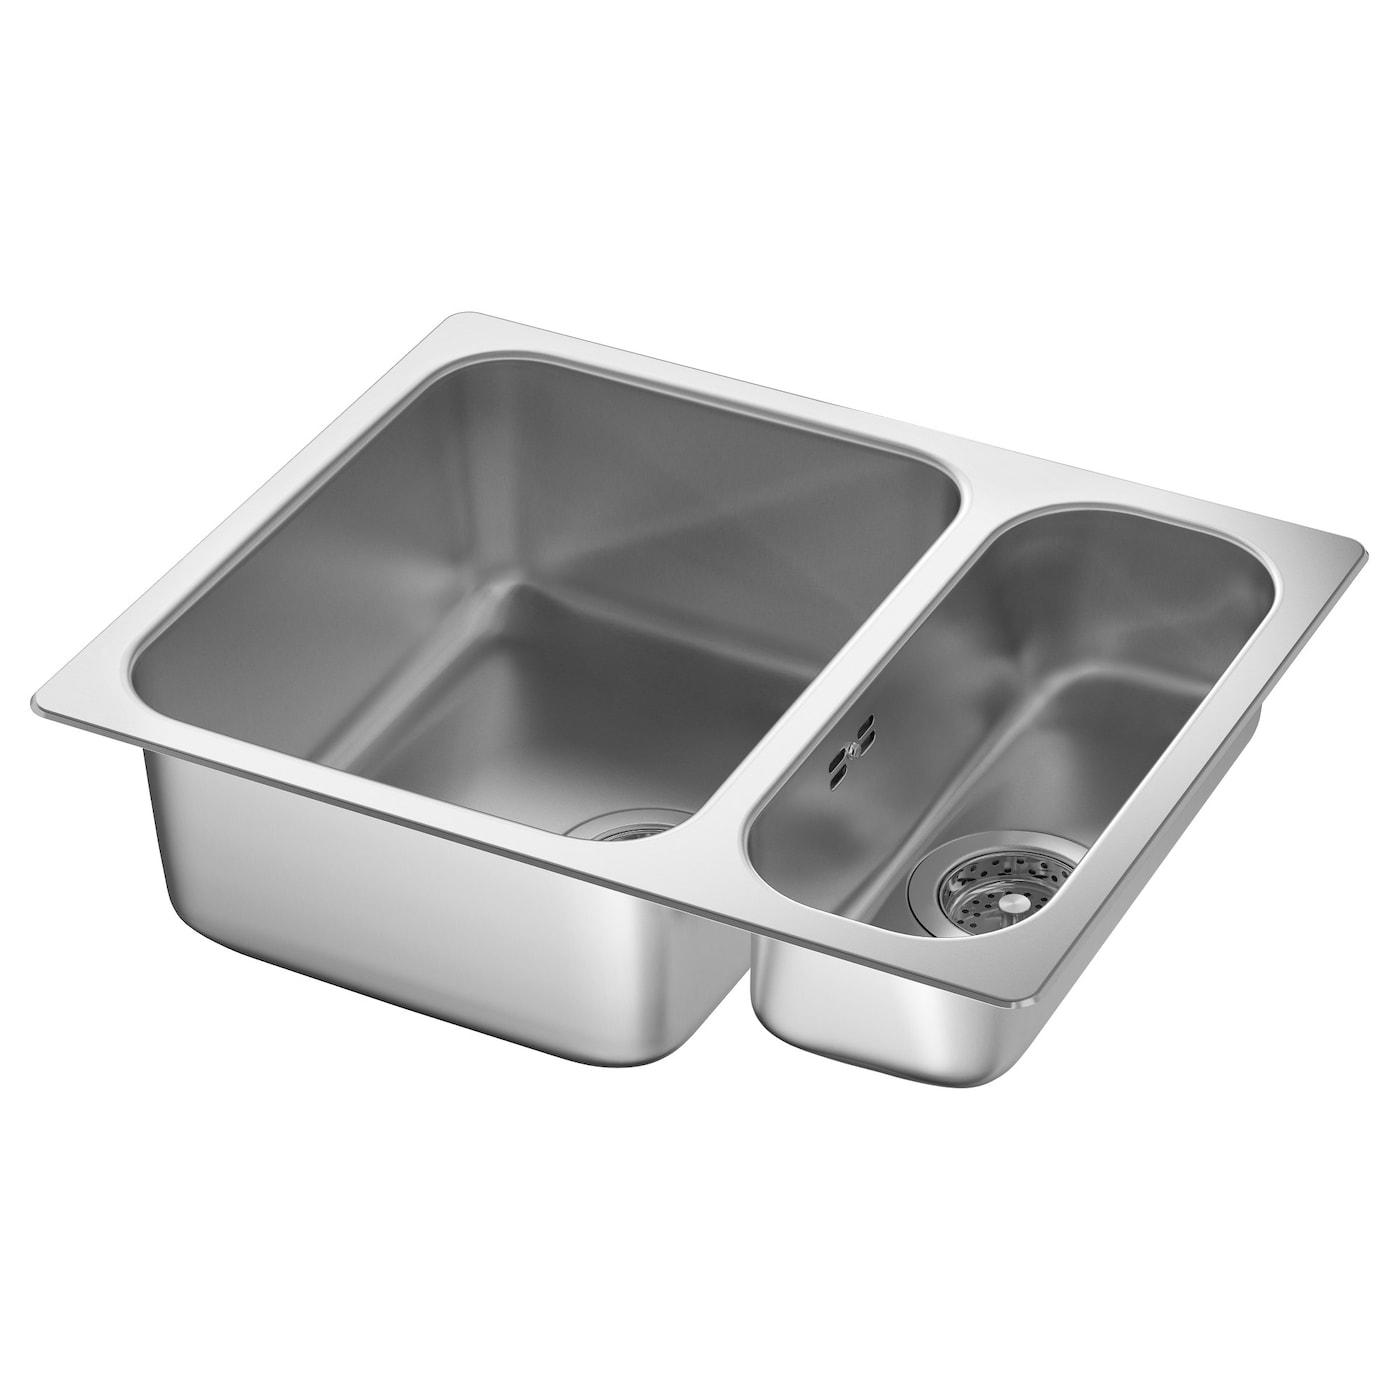 Fregaderos y Grifos de Cocina | Compra Online IKEA - photo#28